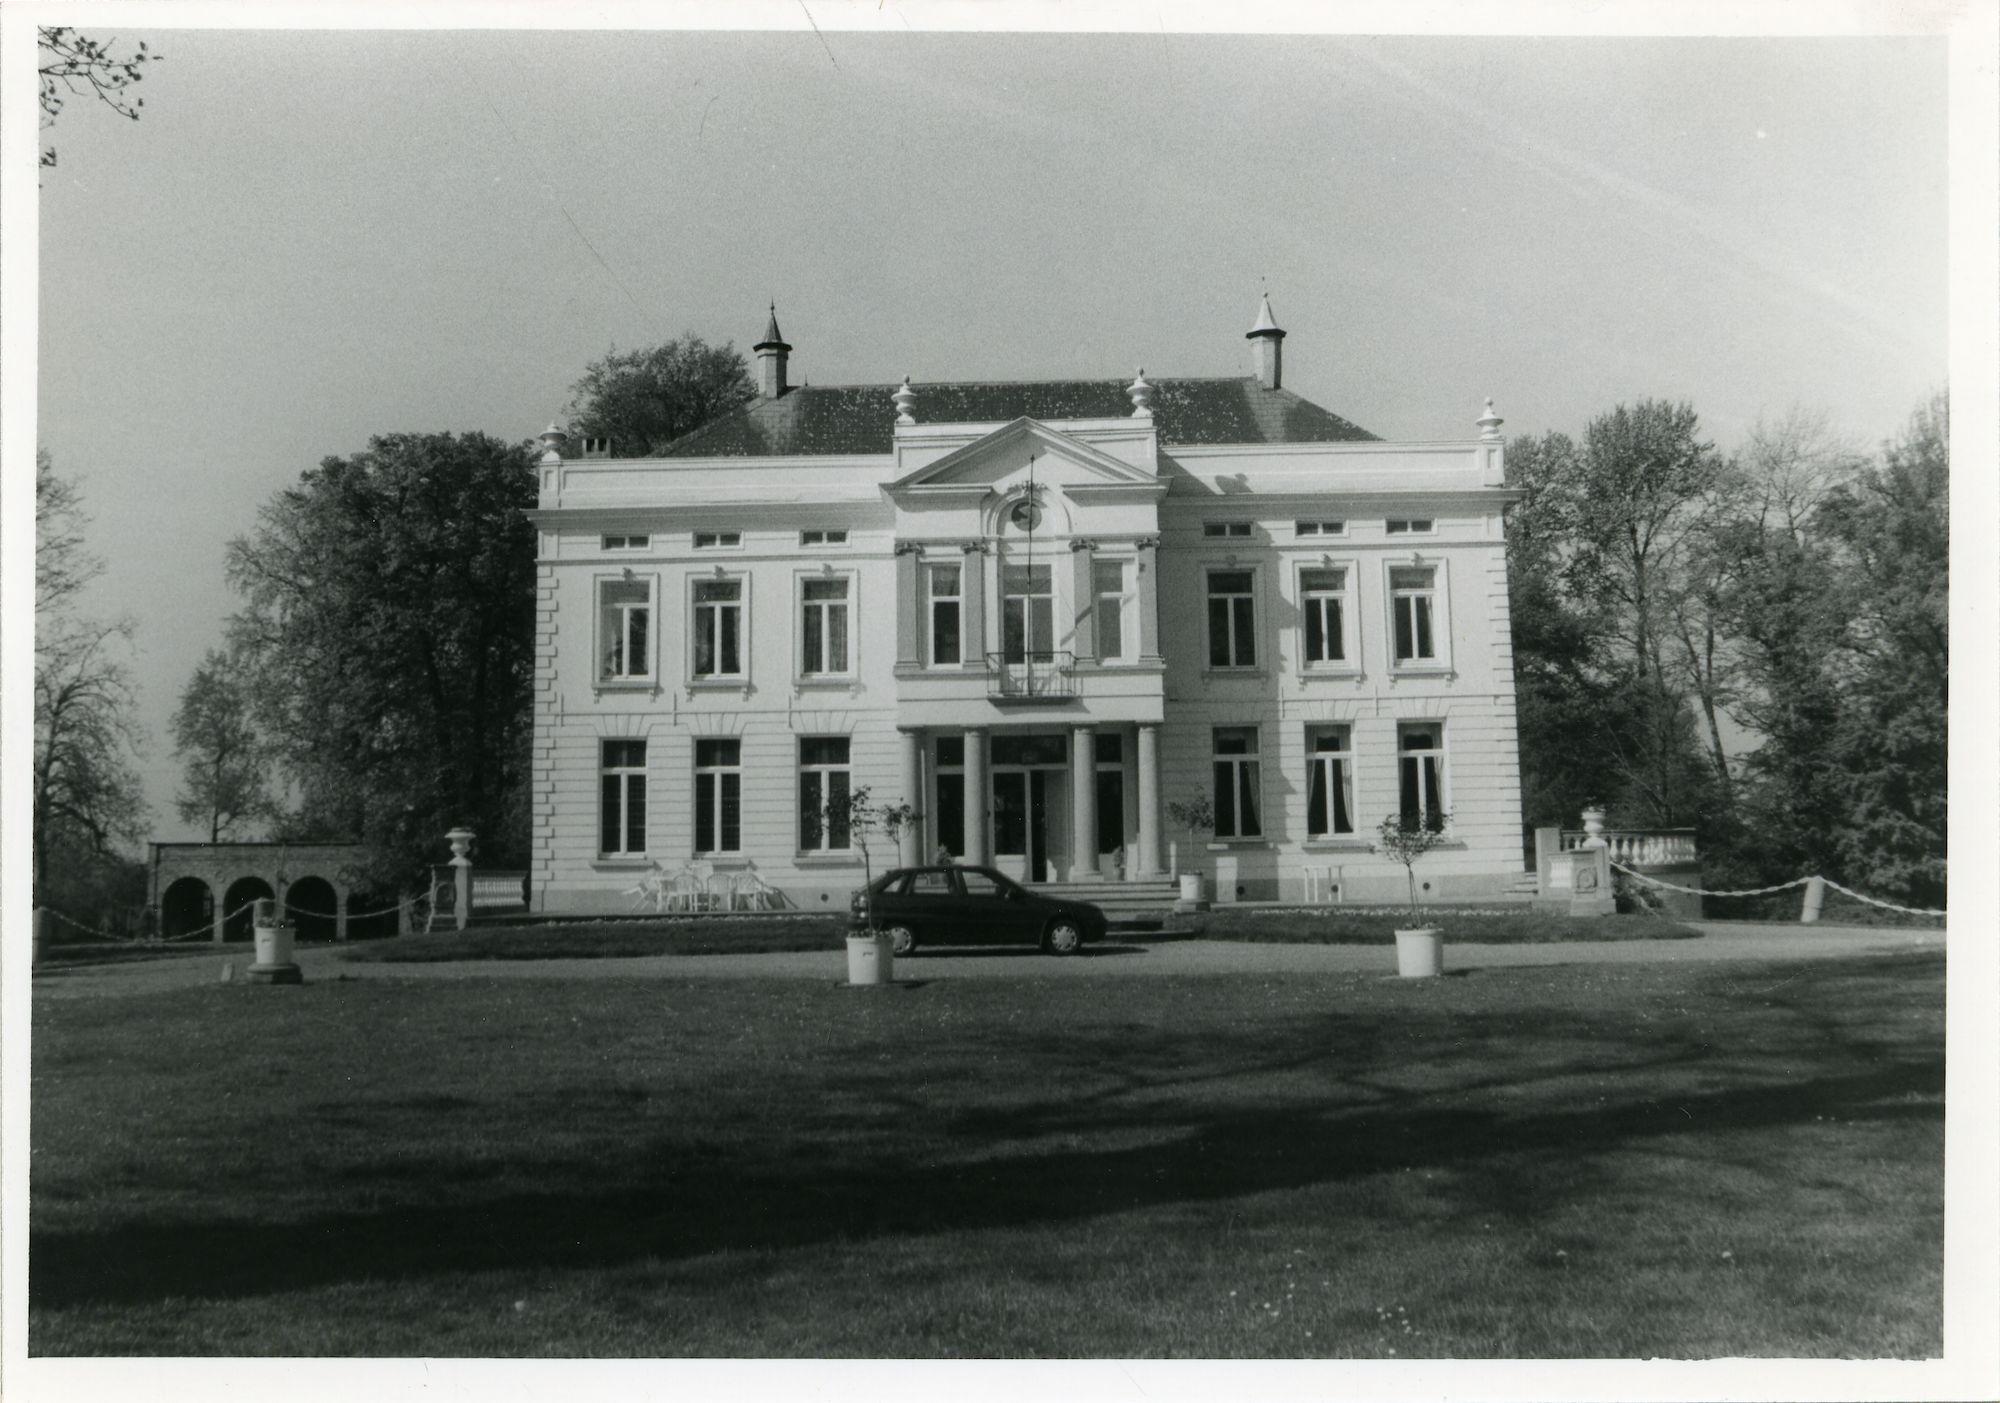 Sint-Denijs-Westrem: Putstraat 26-30: kasteel Puttenhove